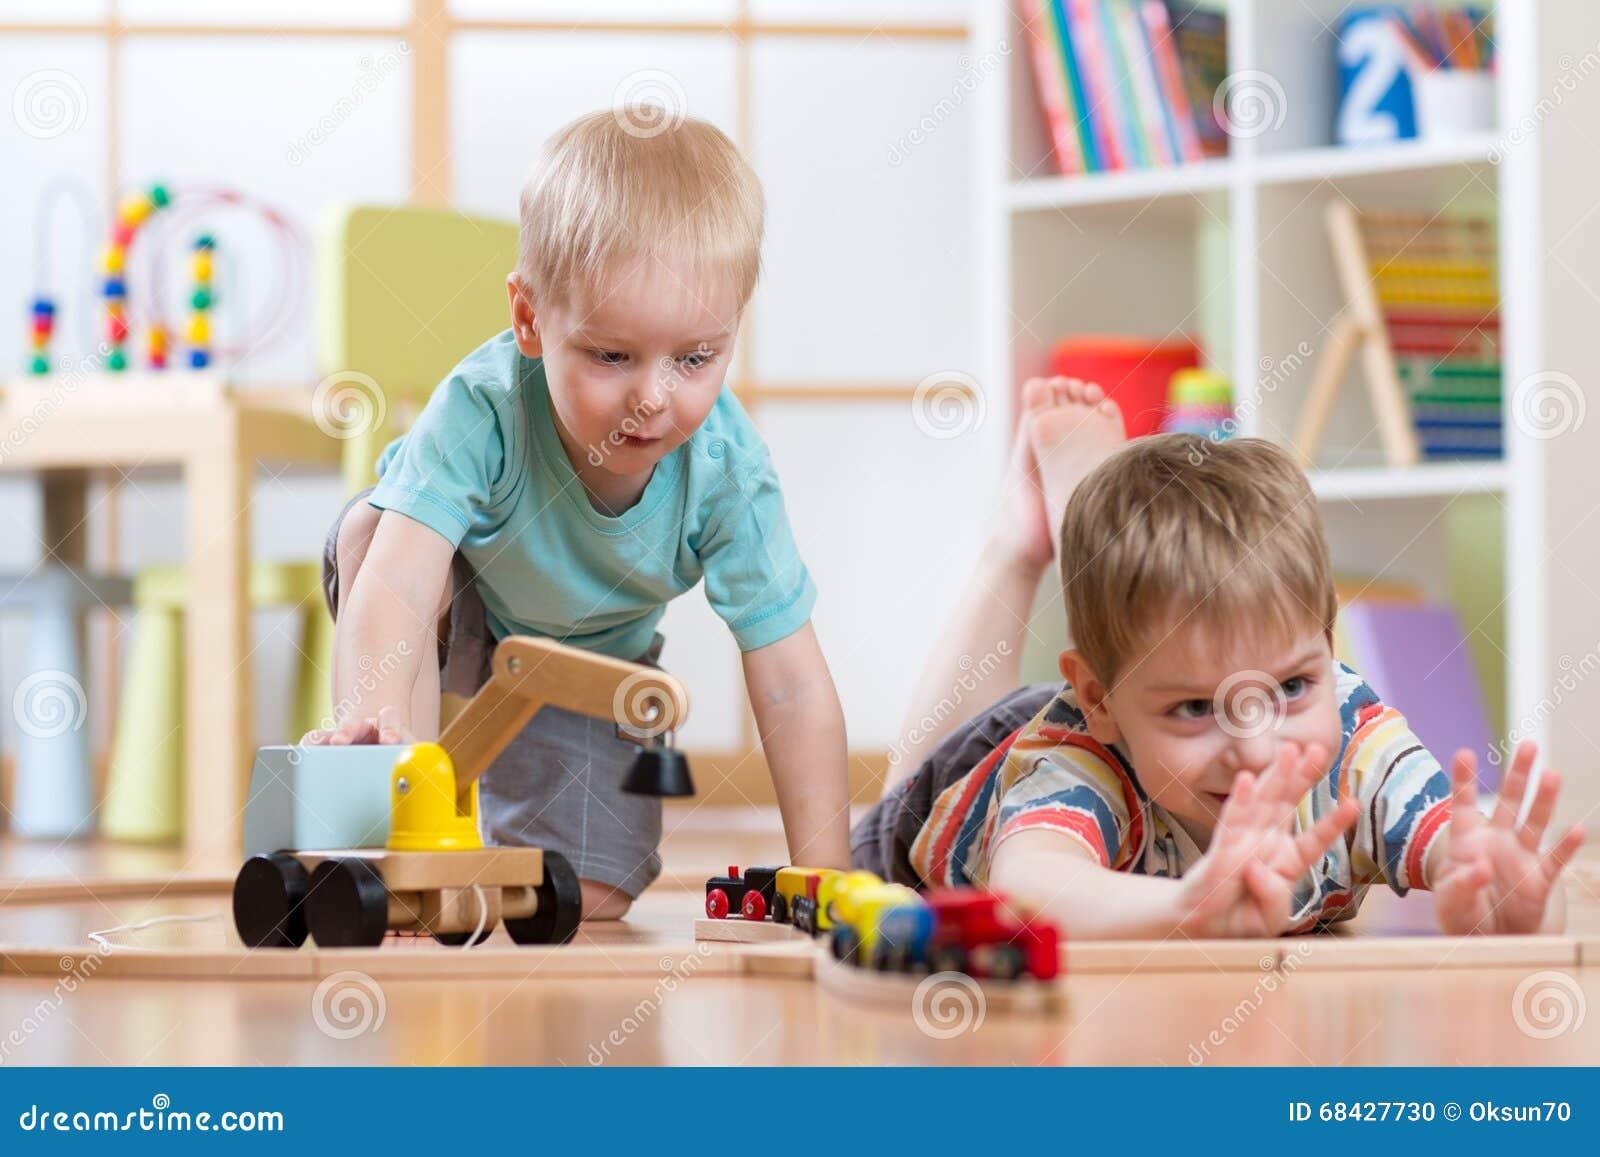 El juego de niños con el tren de madera y la estructura juegan el ferrocarril en casa, la guardería o la guardería